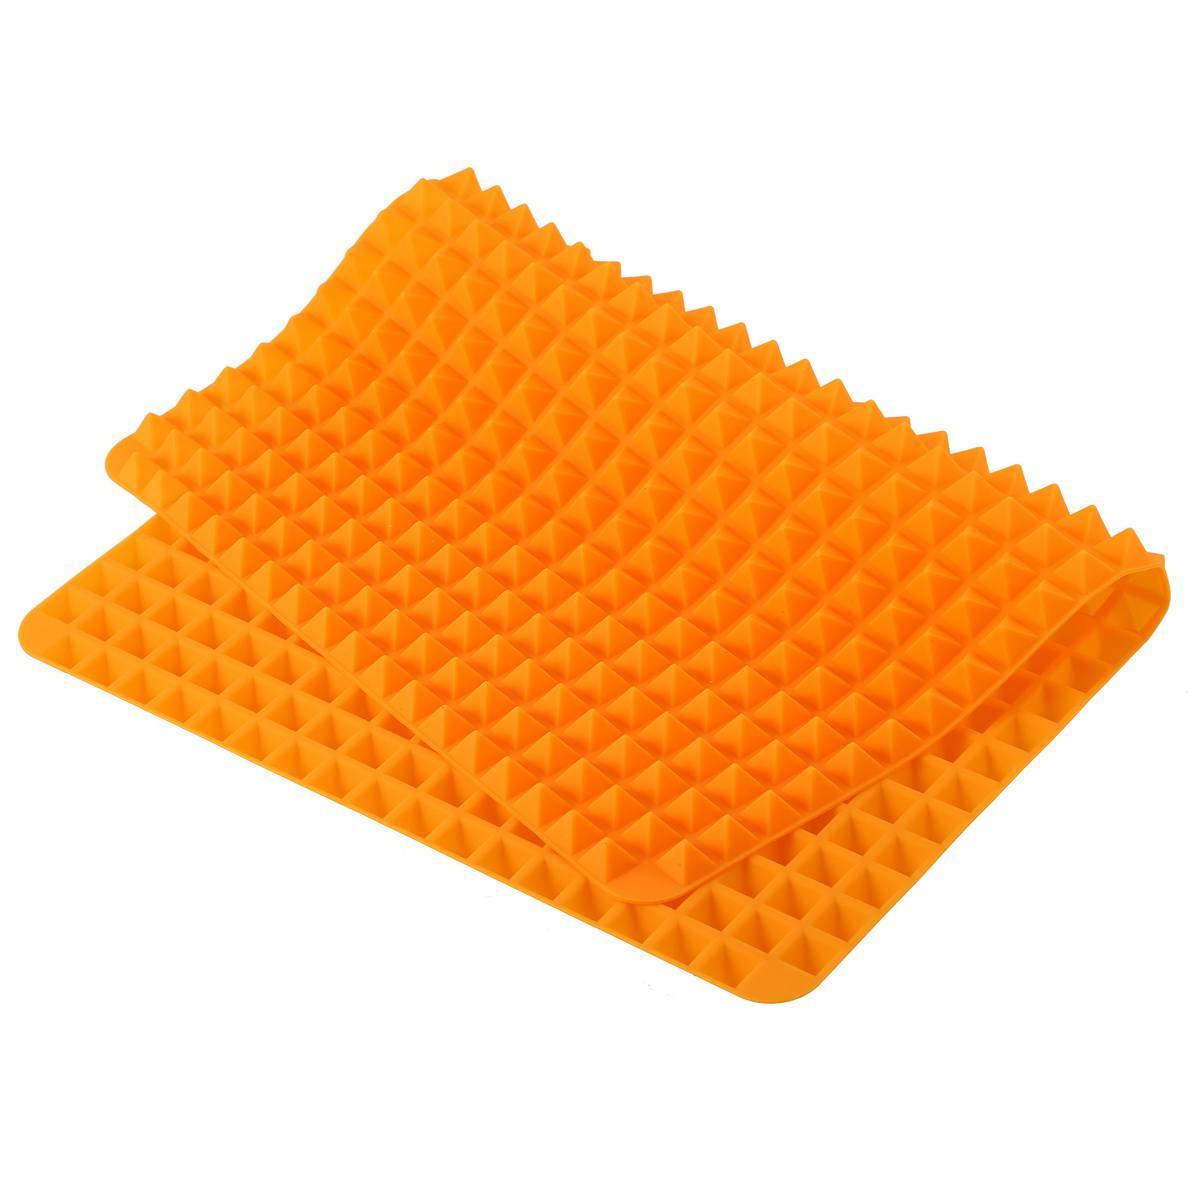 Silikon-Antihaft-gesunde-Kochen-Backmatte-mit-Pyramide-Oberflaeche-16-Zoll-F5L9 Indexbild 4